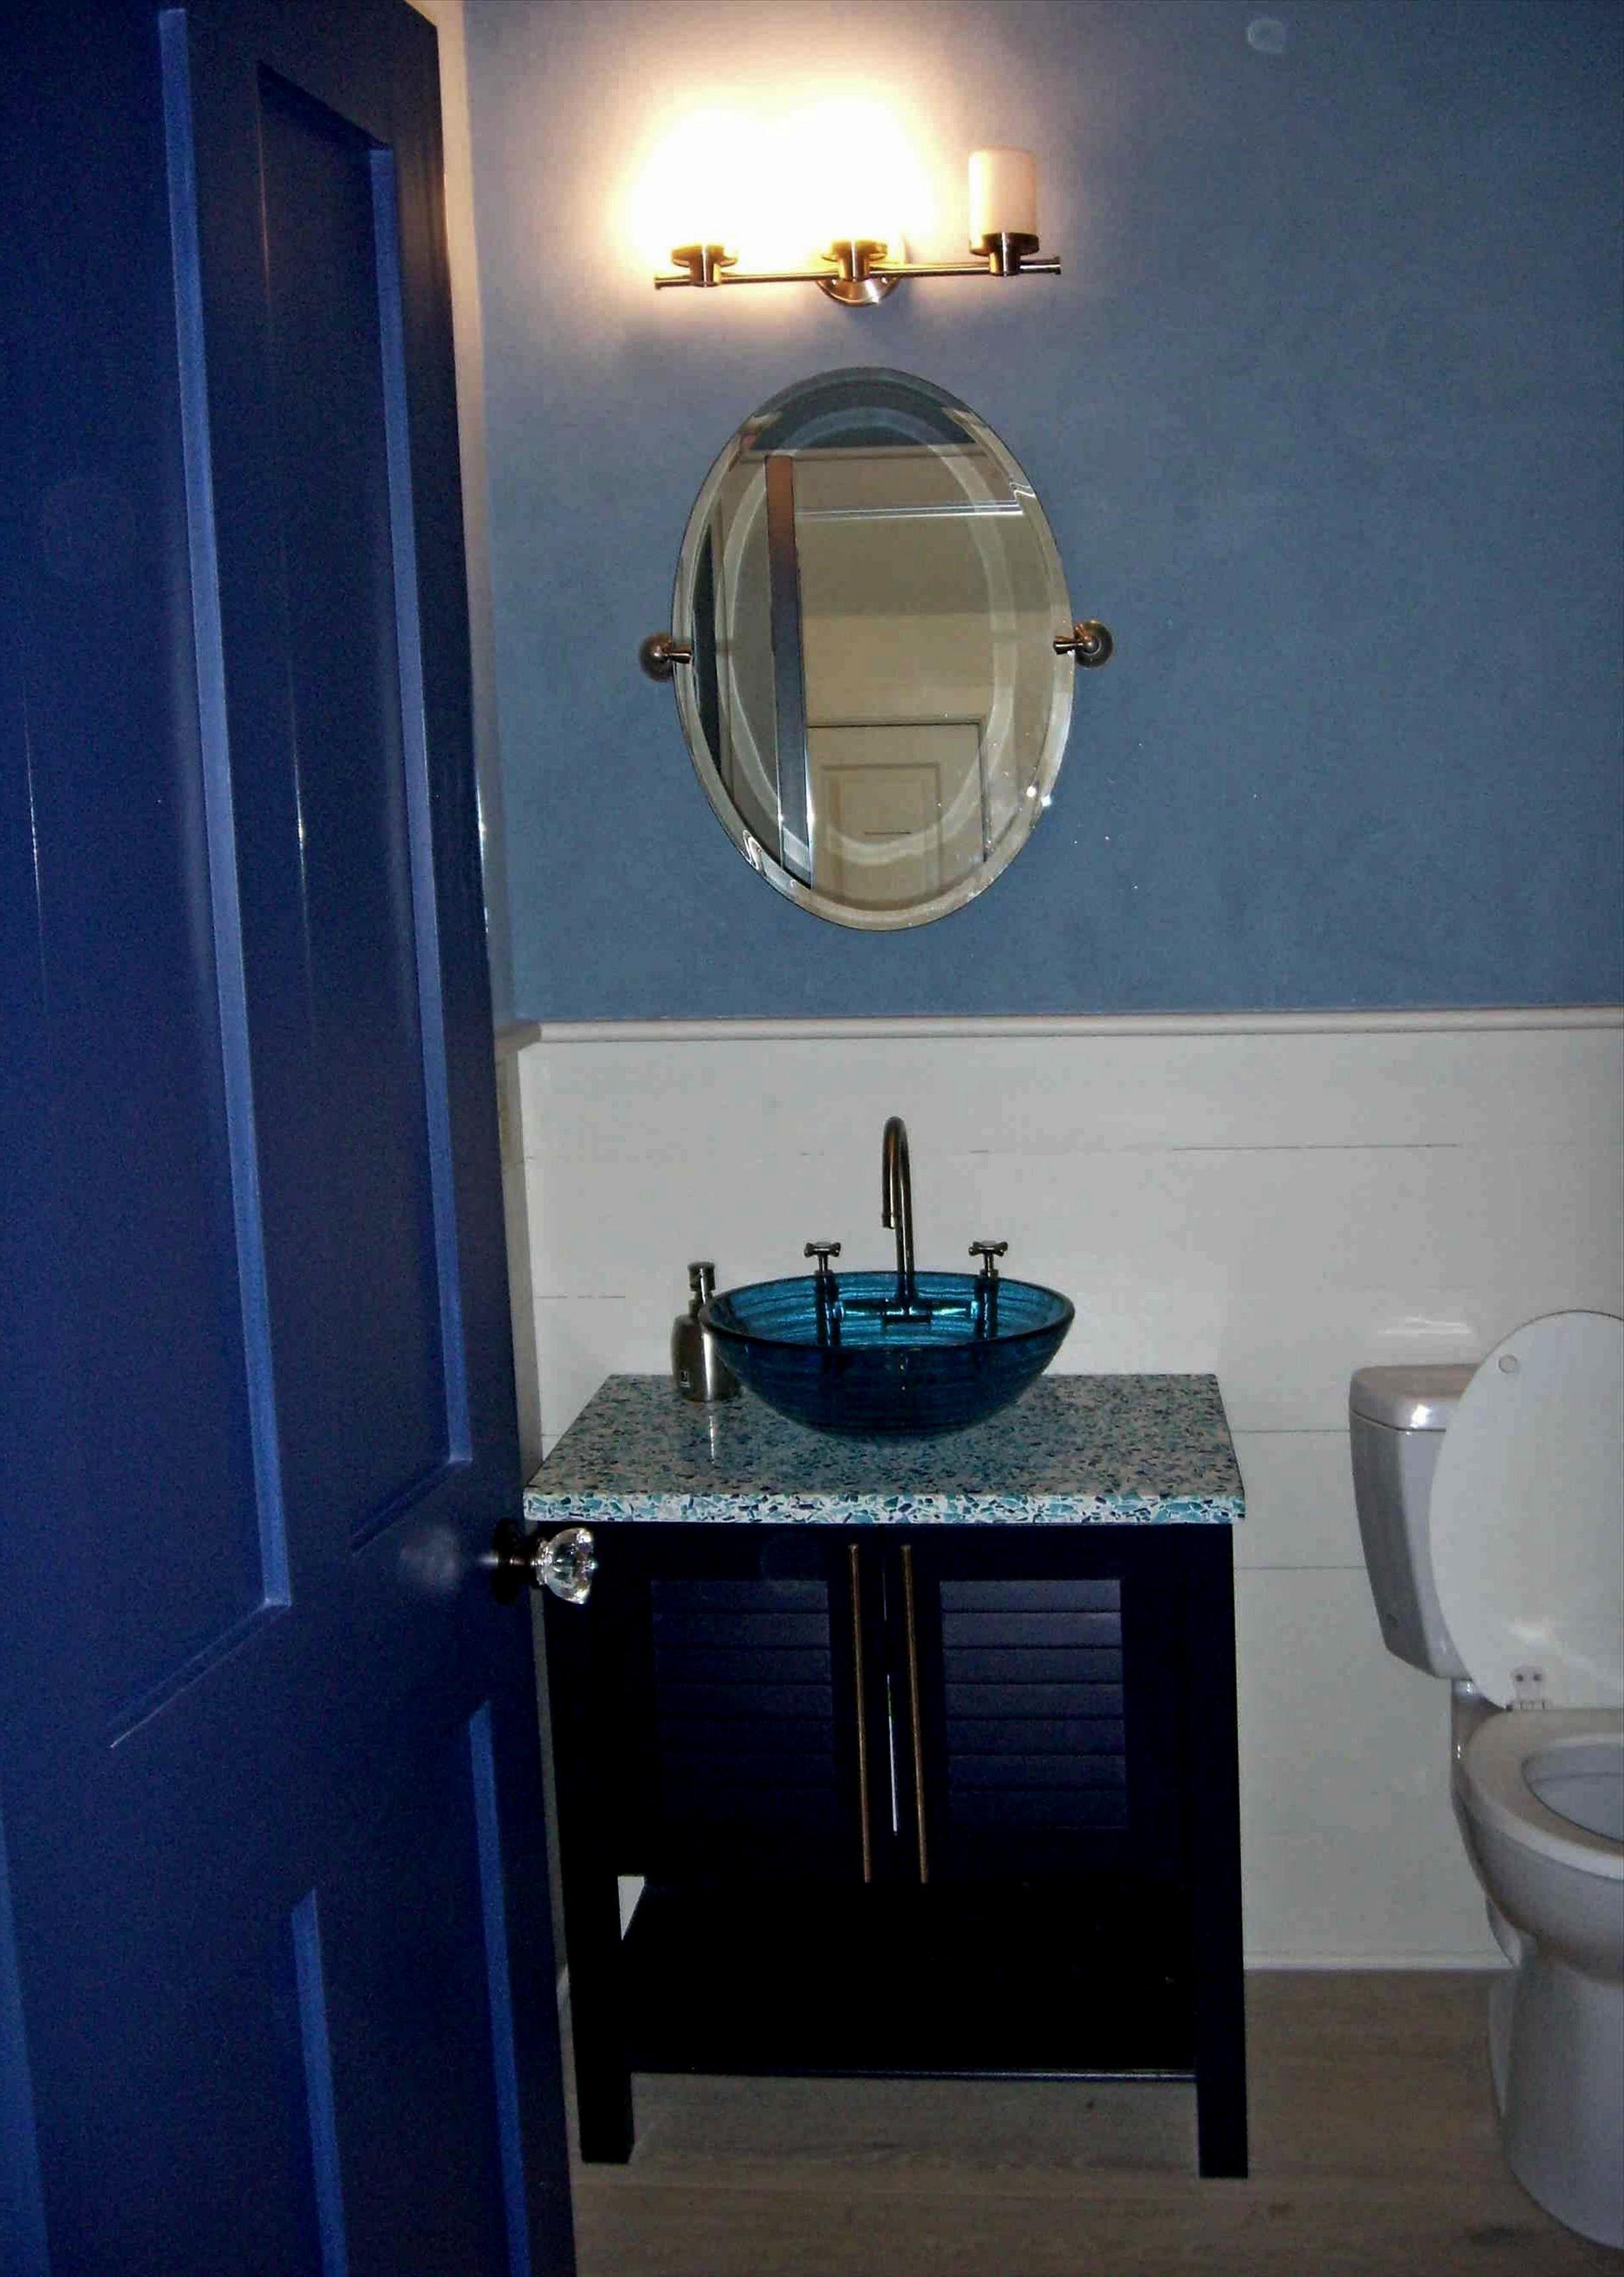 Royal Blue Bathroom Decor 2021 in 2020 | Blue bathroom ...